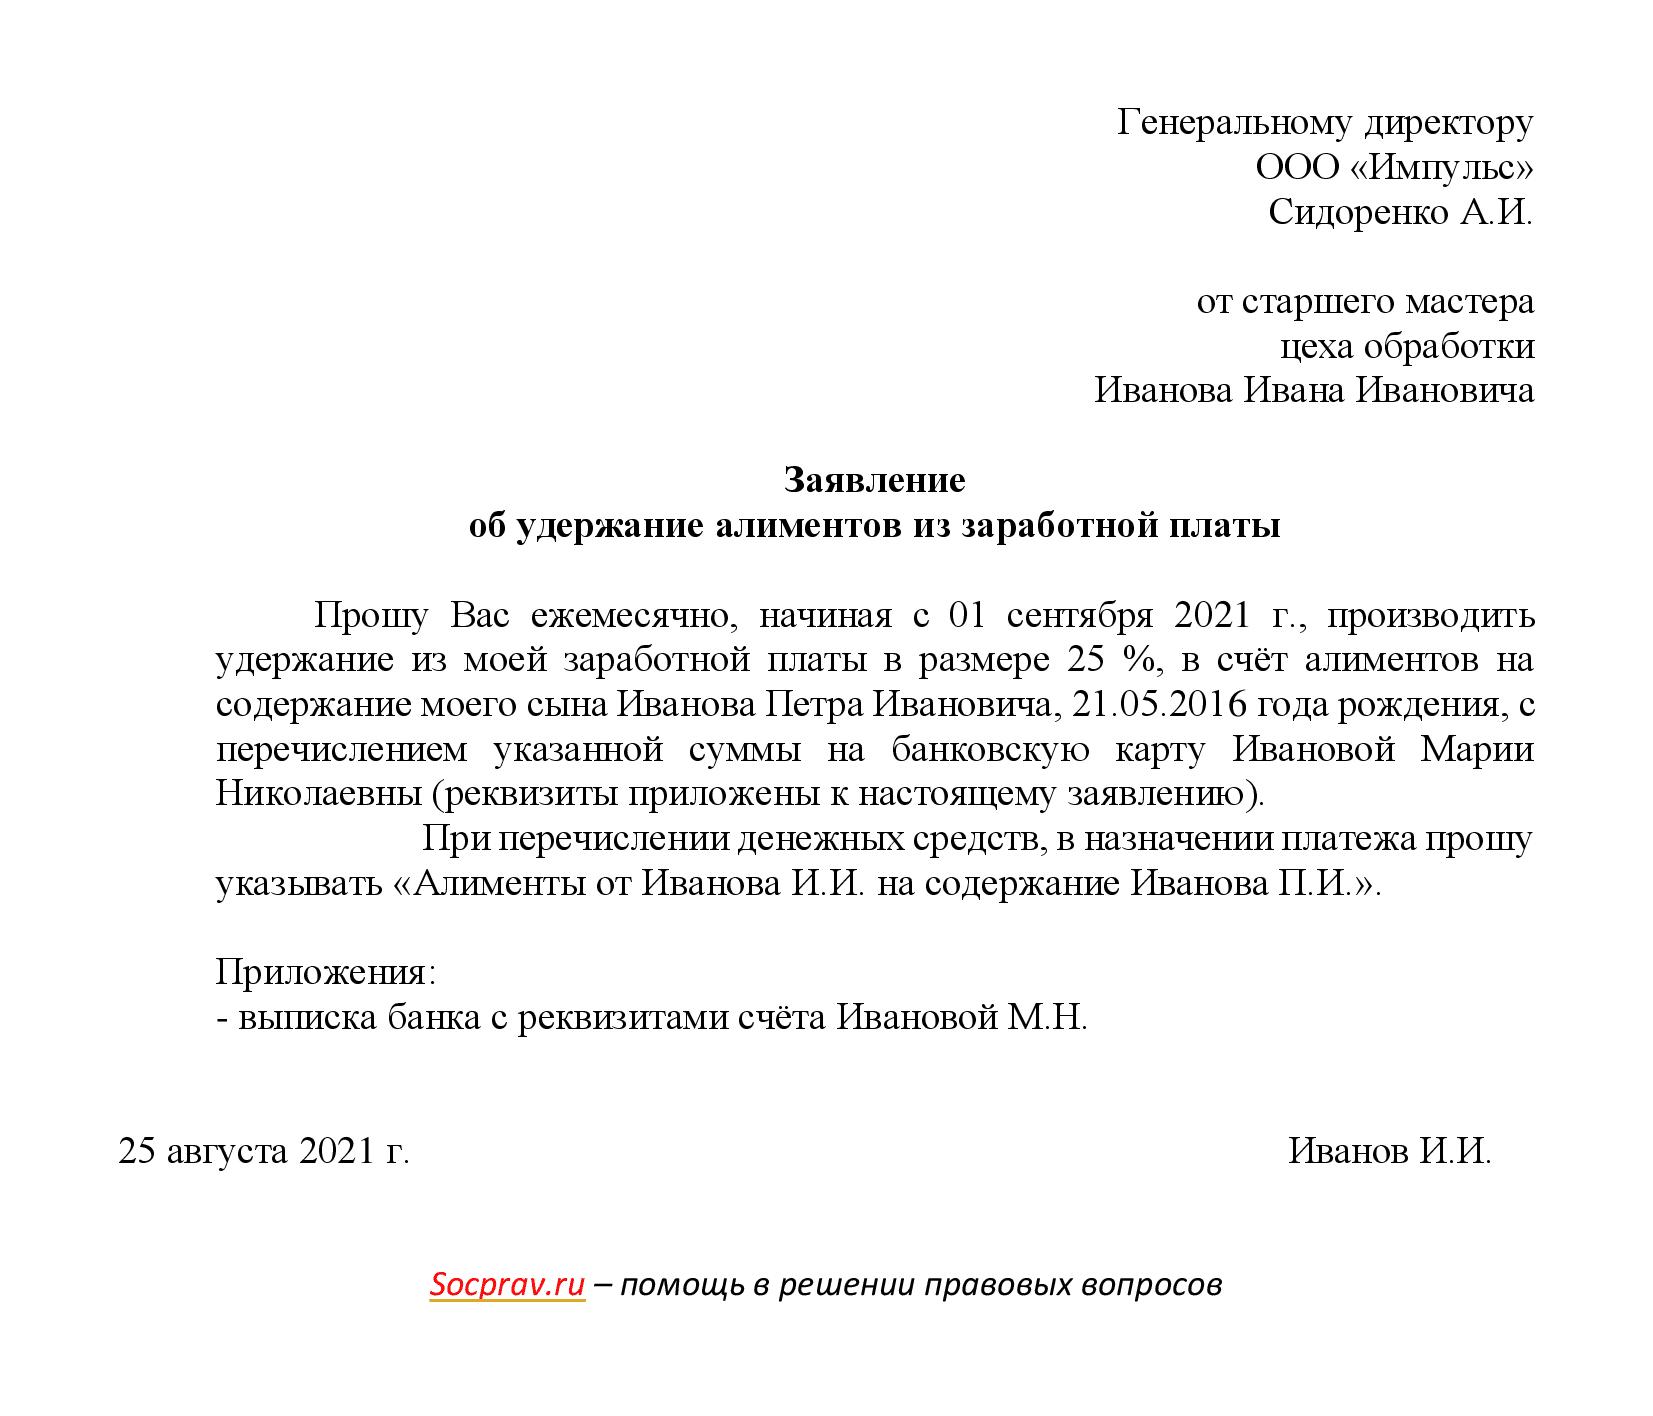 Заявление об удержание алиментов из заработной платы